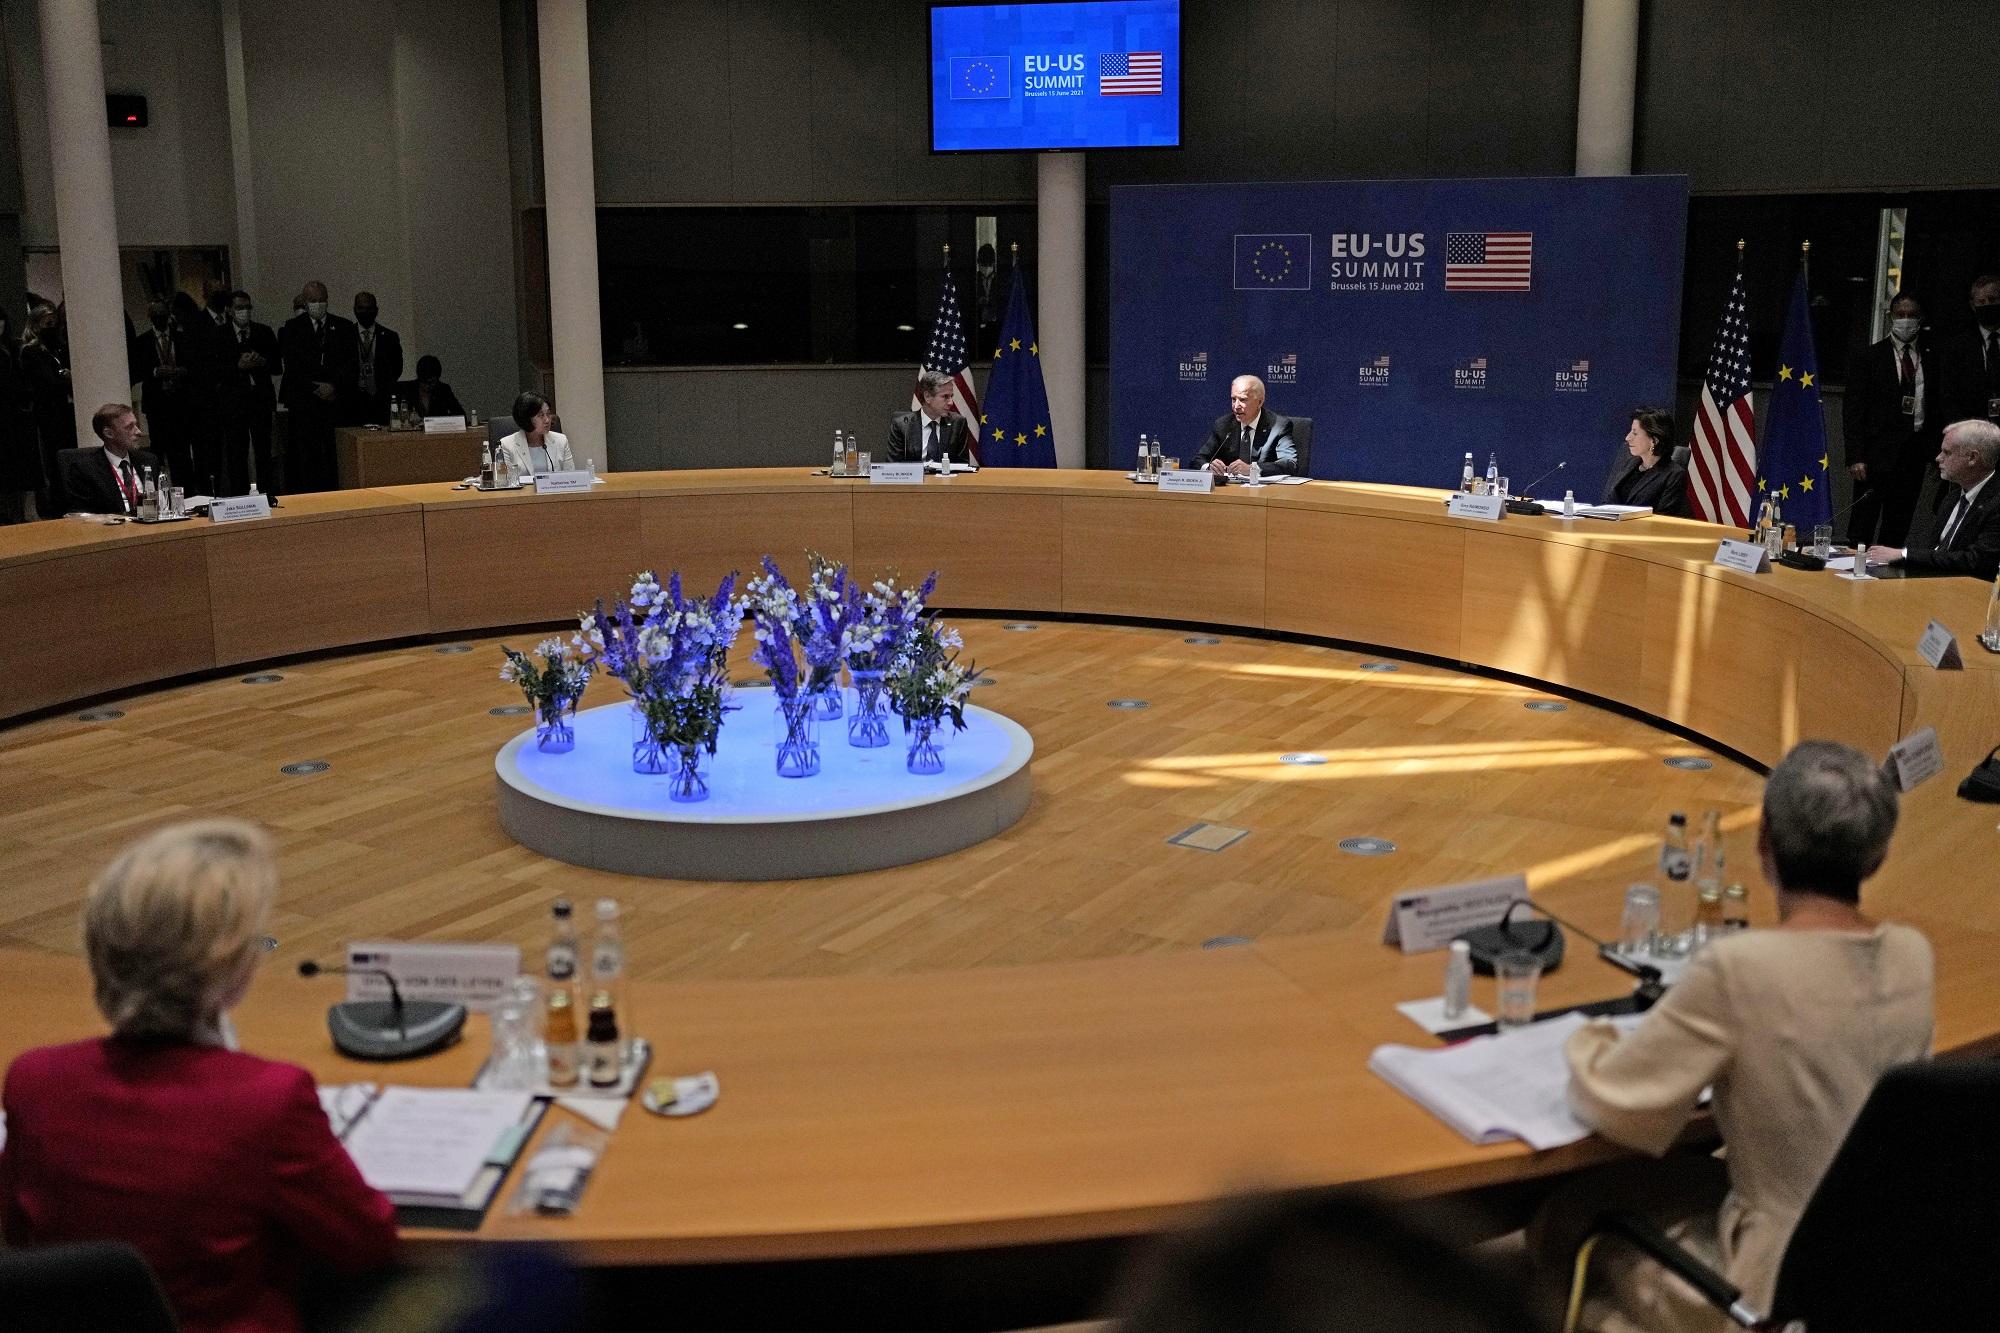 Κοινή δήλωση ΕΕ – ΗΠΑ: Συνεργασία για αποκλιμάκωση στην Αν. Μεσόγειο